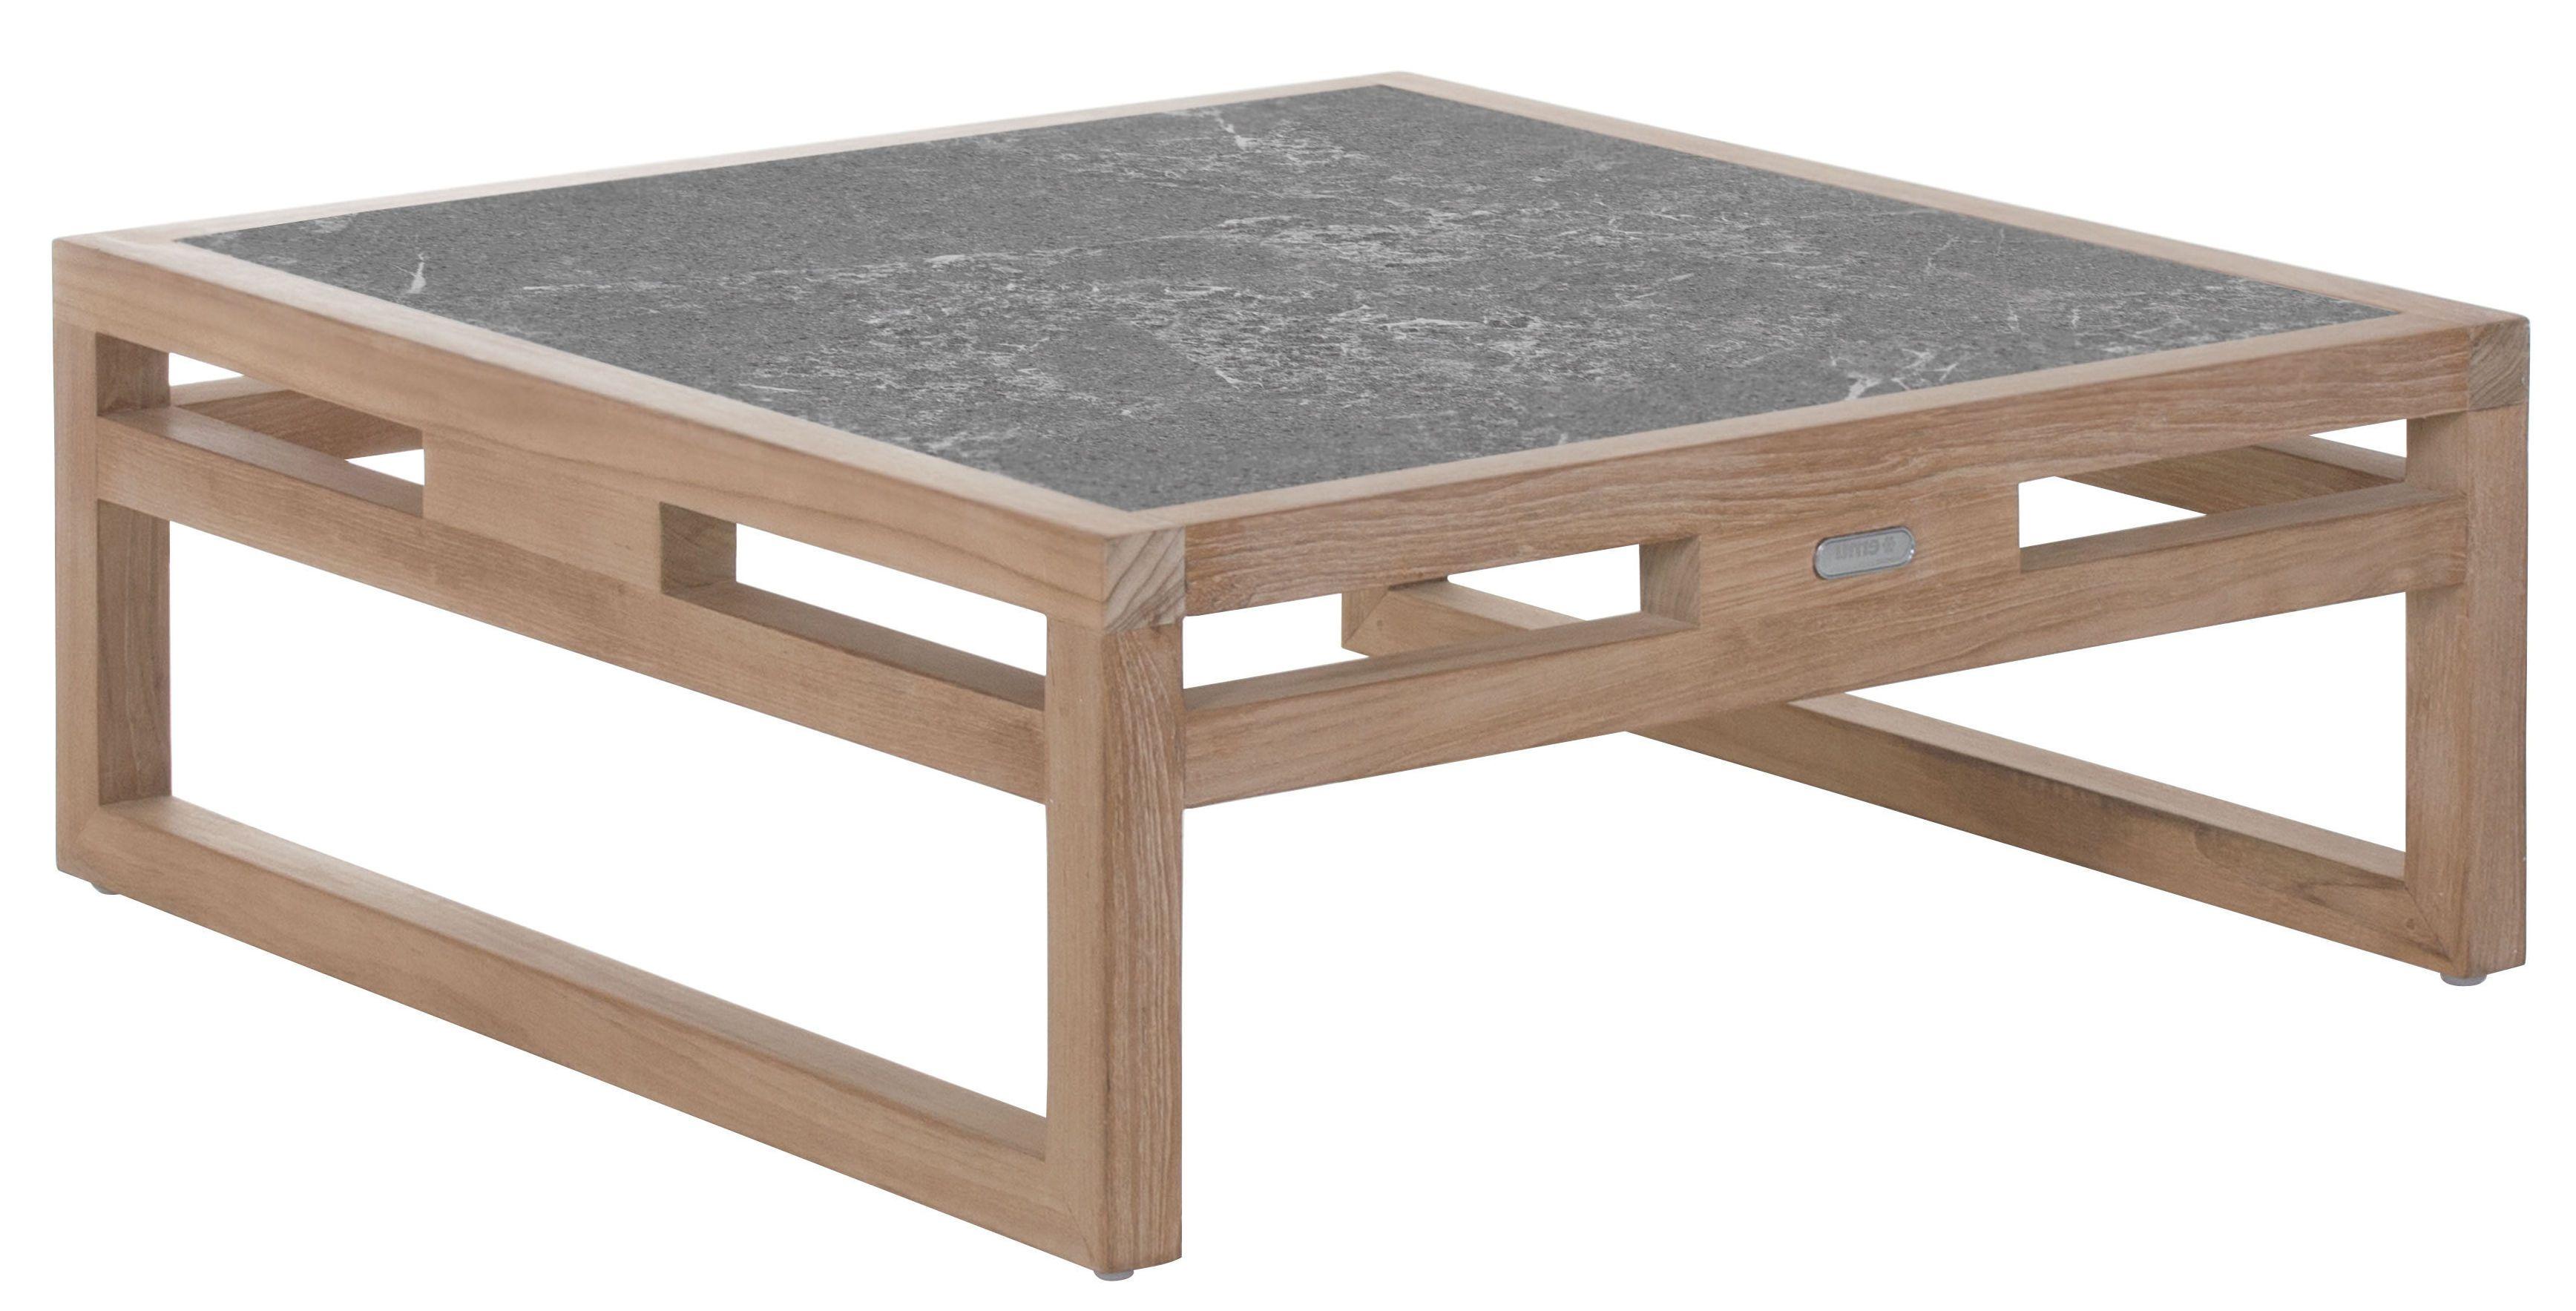 Table Basse Kontiki Pierre De Lave 80x80 Cm Pierre De Lave Grise